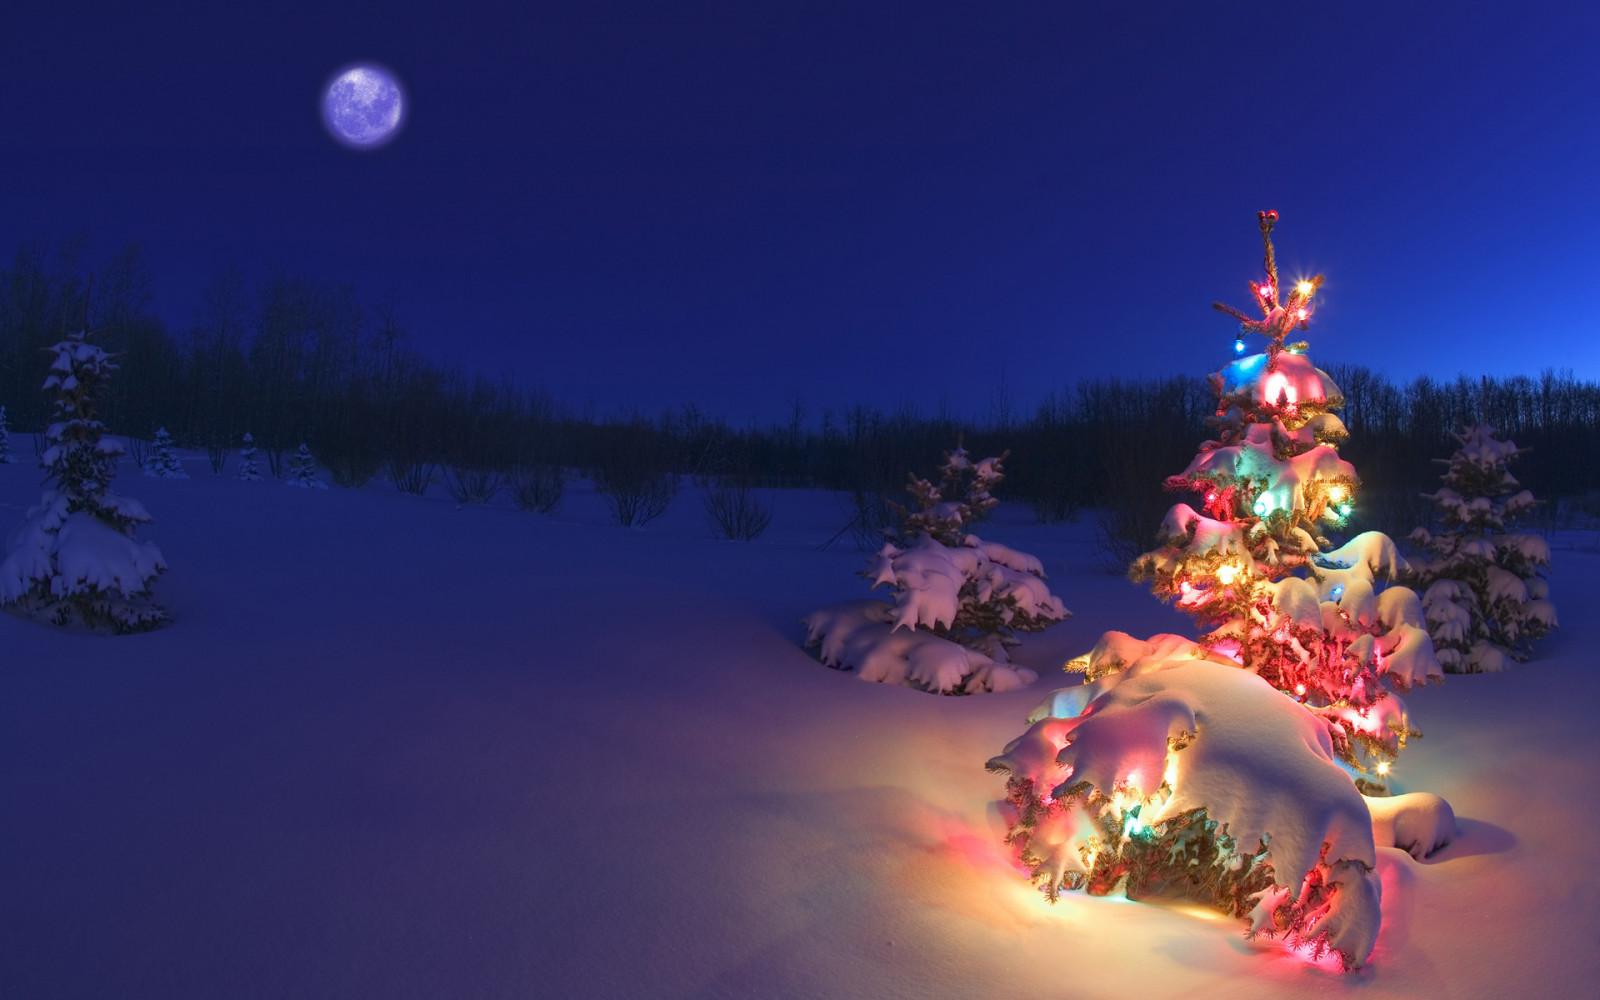 Hintergrundbilder : Urlaub, Weihnachten, Weihnachtsbeleuchtung ...